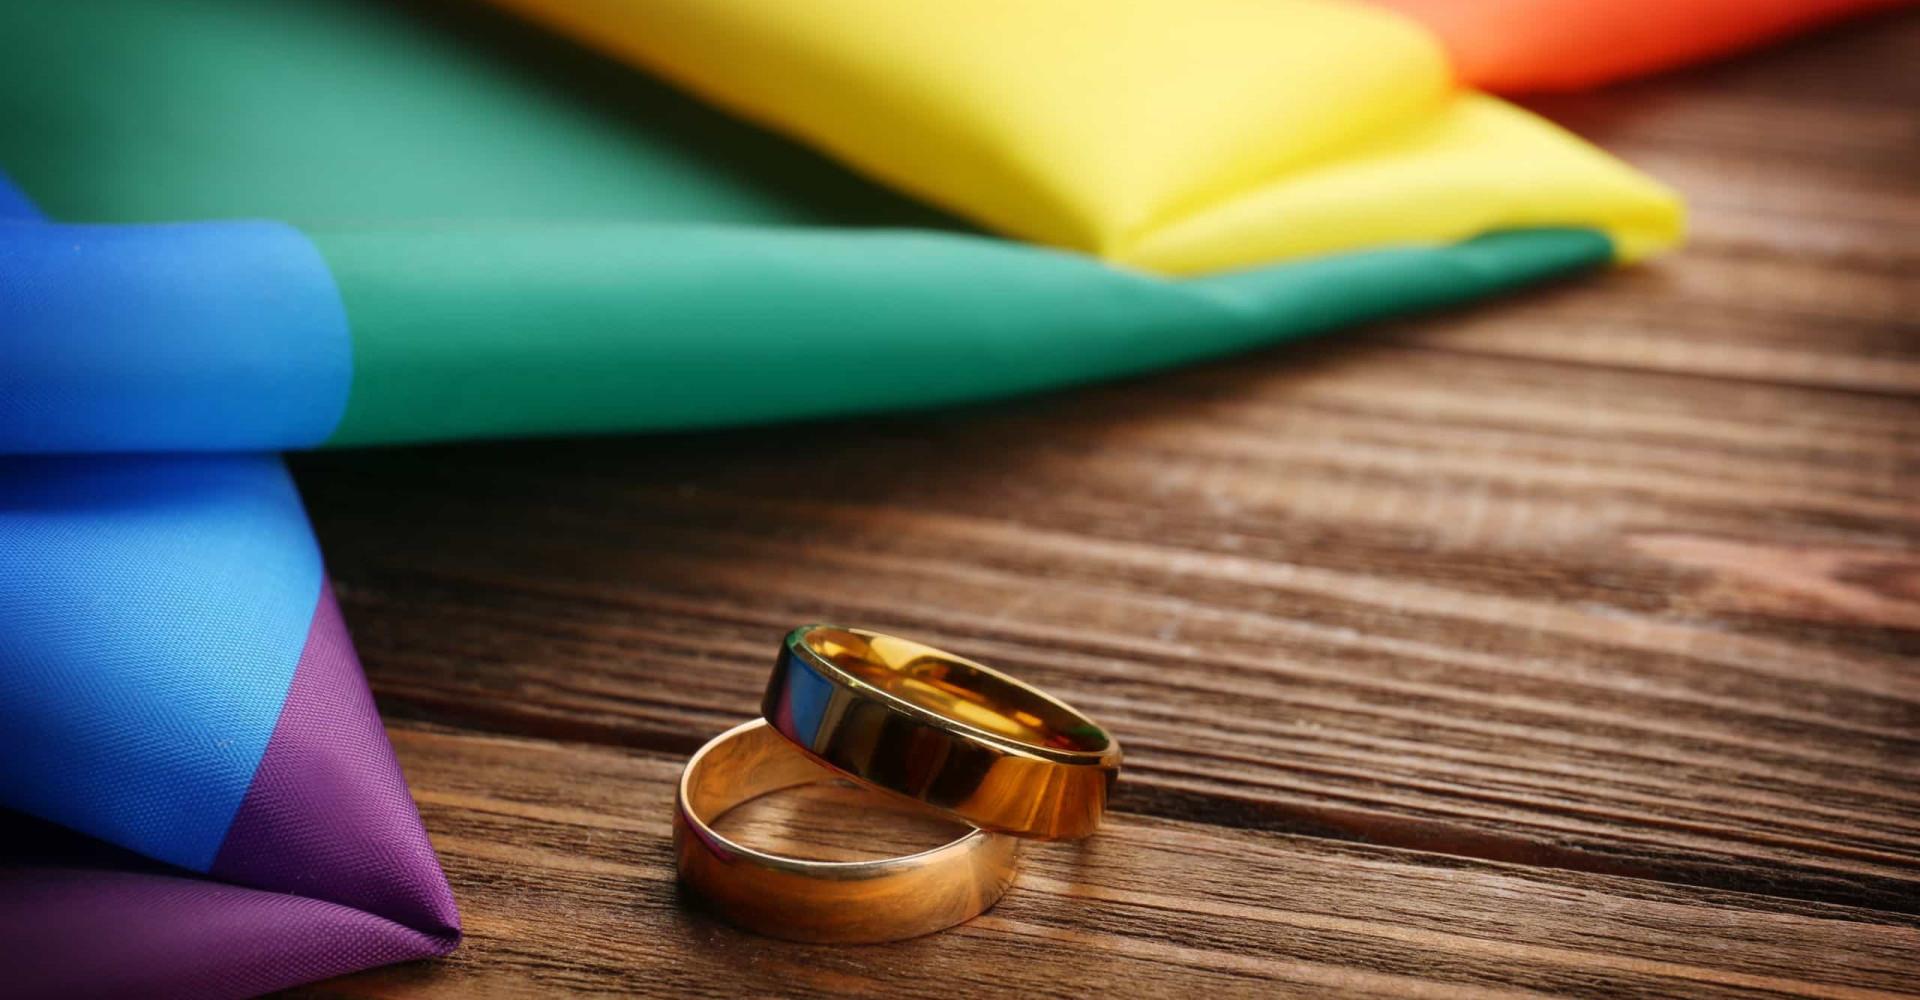 Kaikki maat, joissa samaa sukupuolta olevien avioliitto on laillista